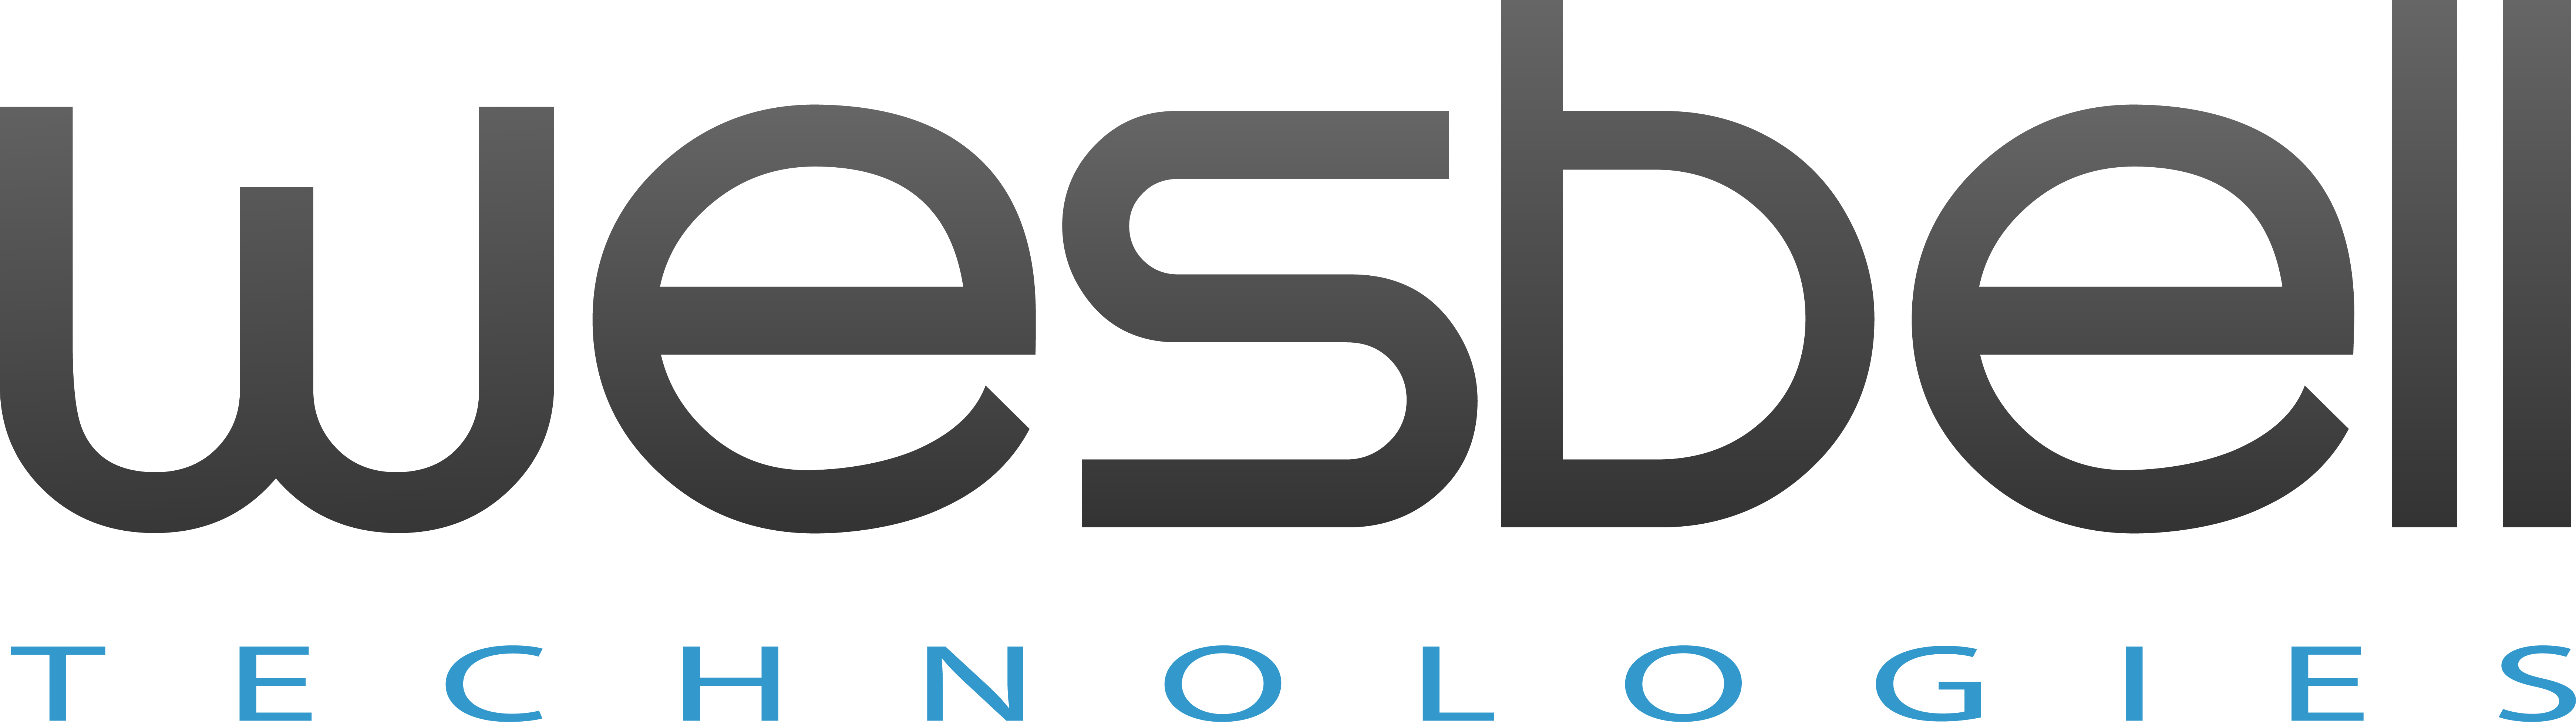 Wesbell Technologies